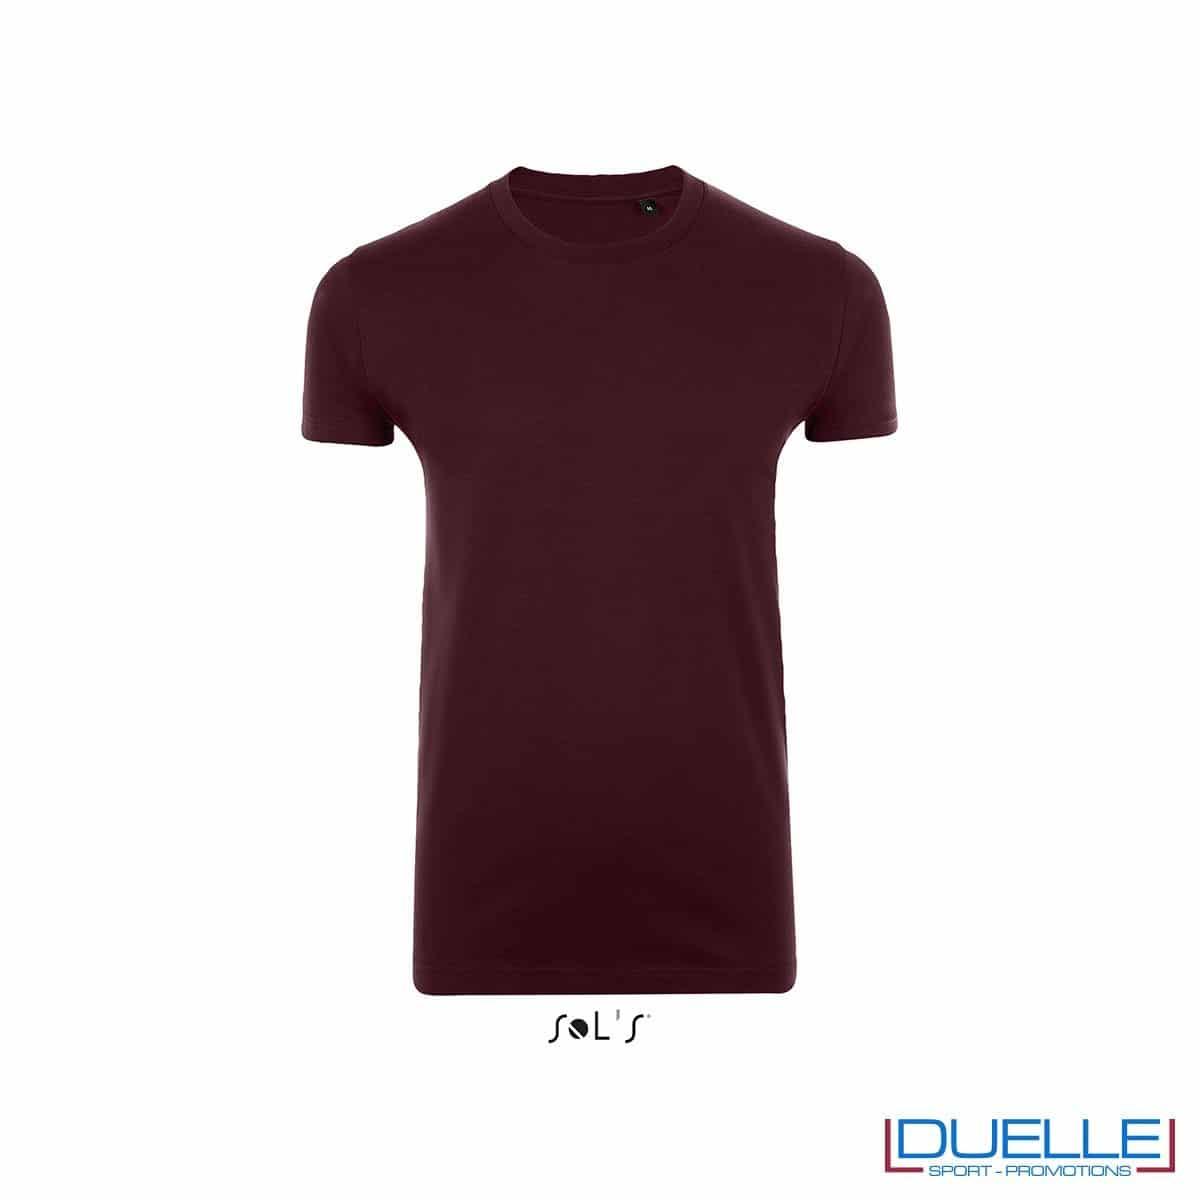 T-shirt uomo slim fit in cotone pesante colore bordeaux